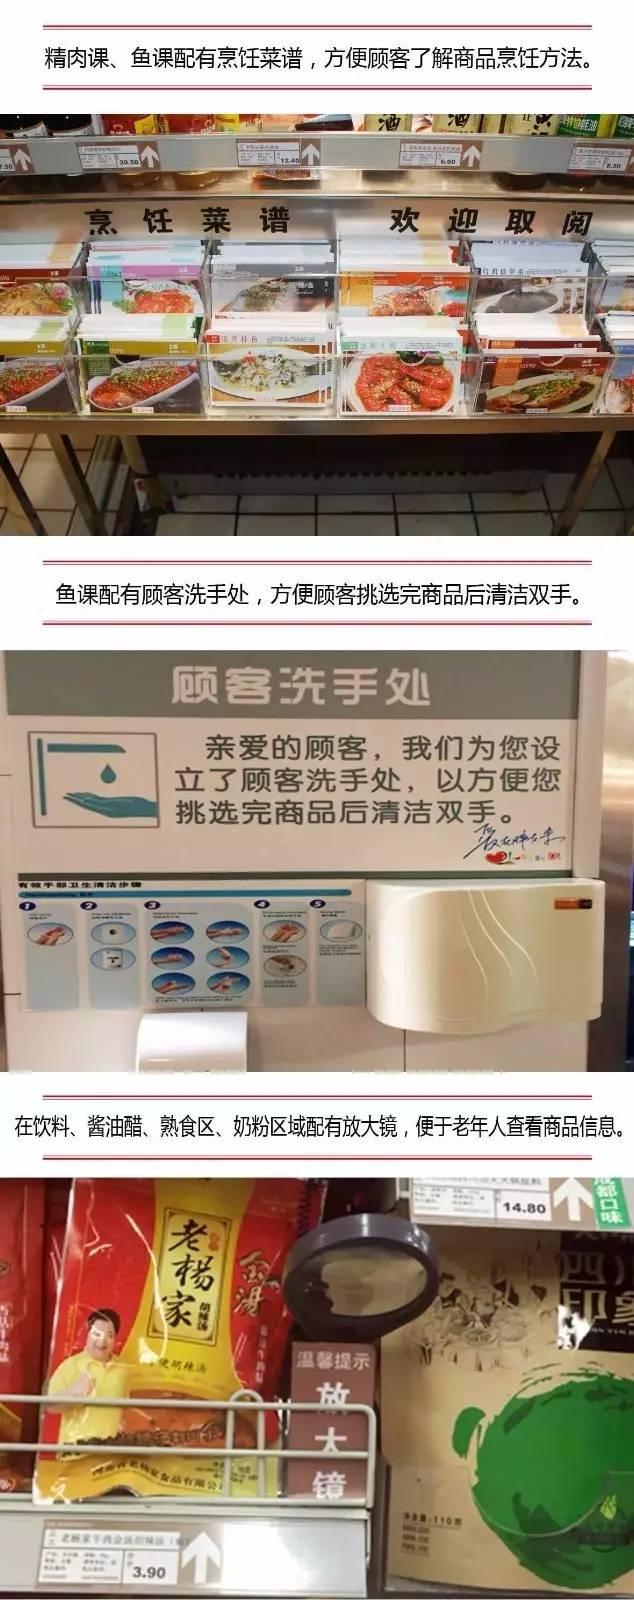 【聚焦】胖东来各主要部门便民服务细节汇总!